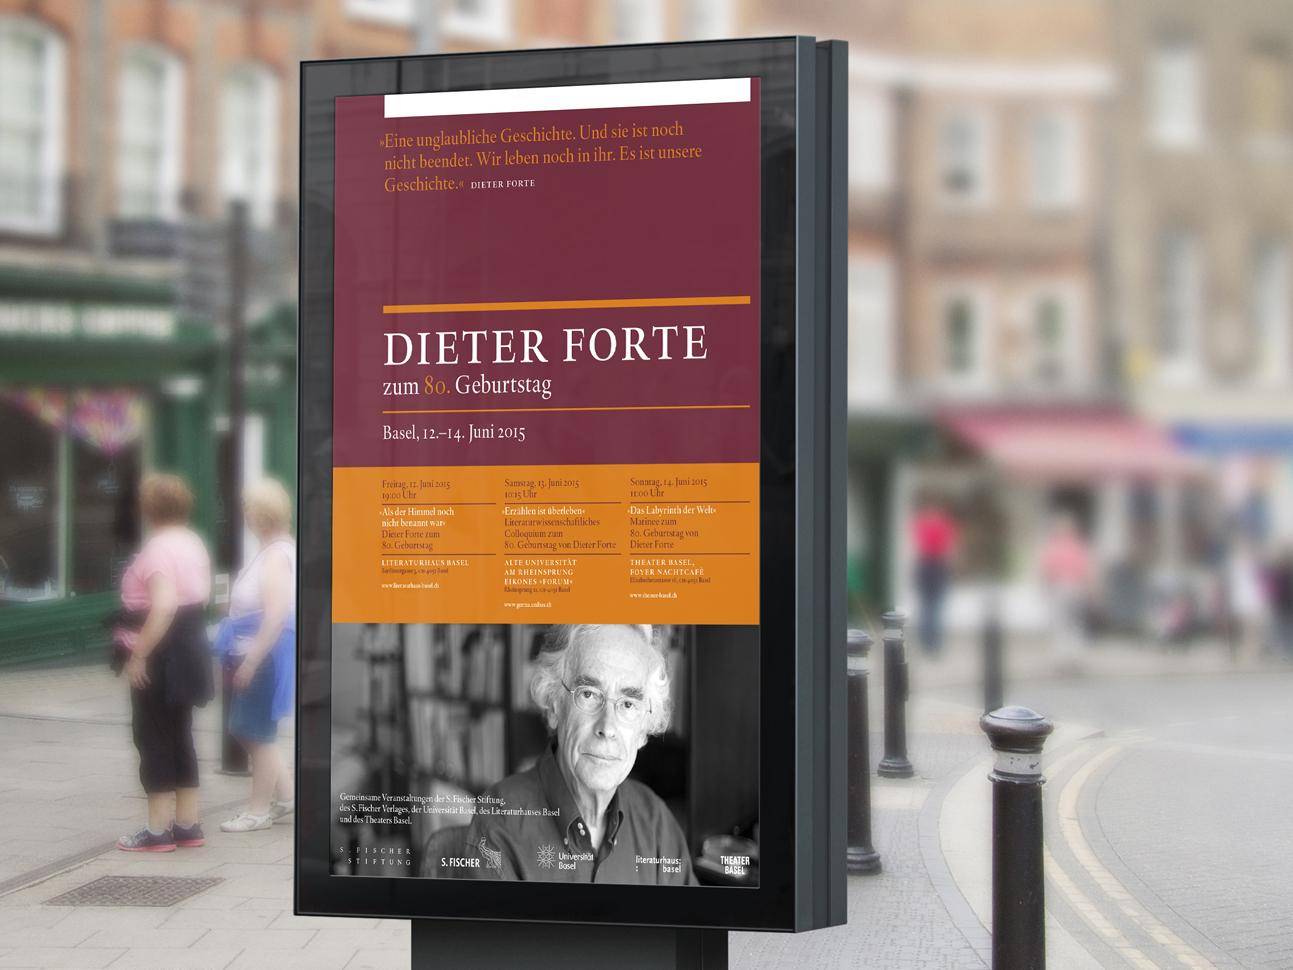 martin_zech_design_projekt_design_dieter_forte_plakat